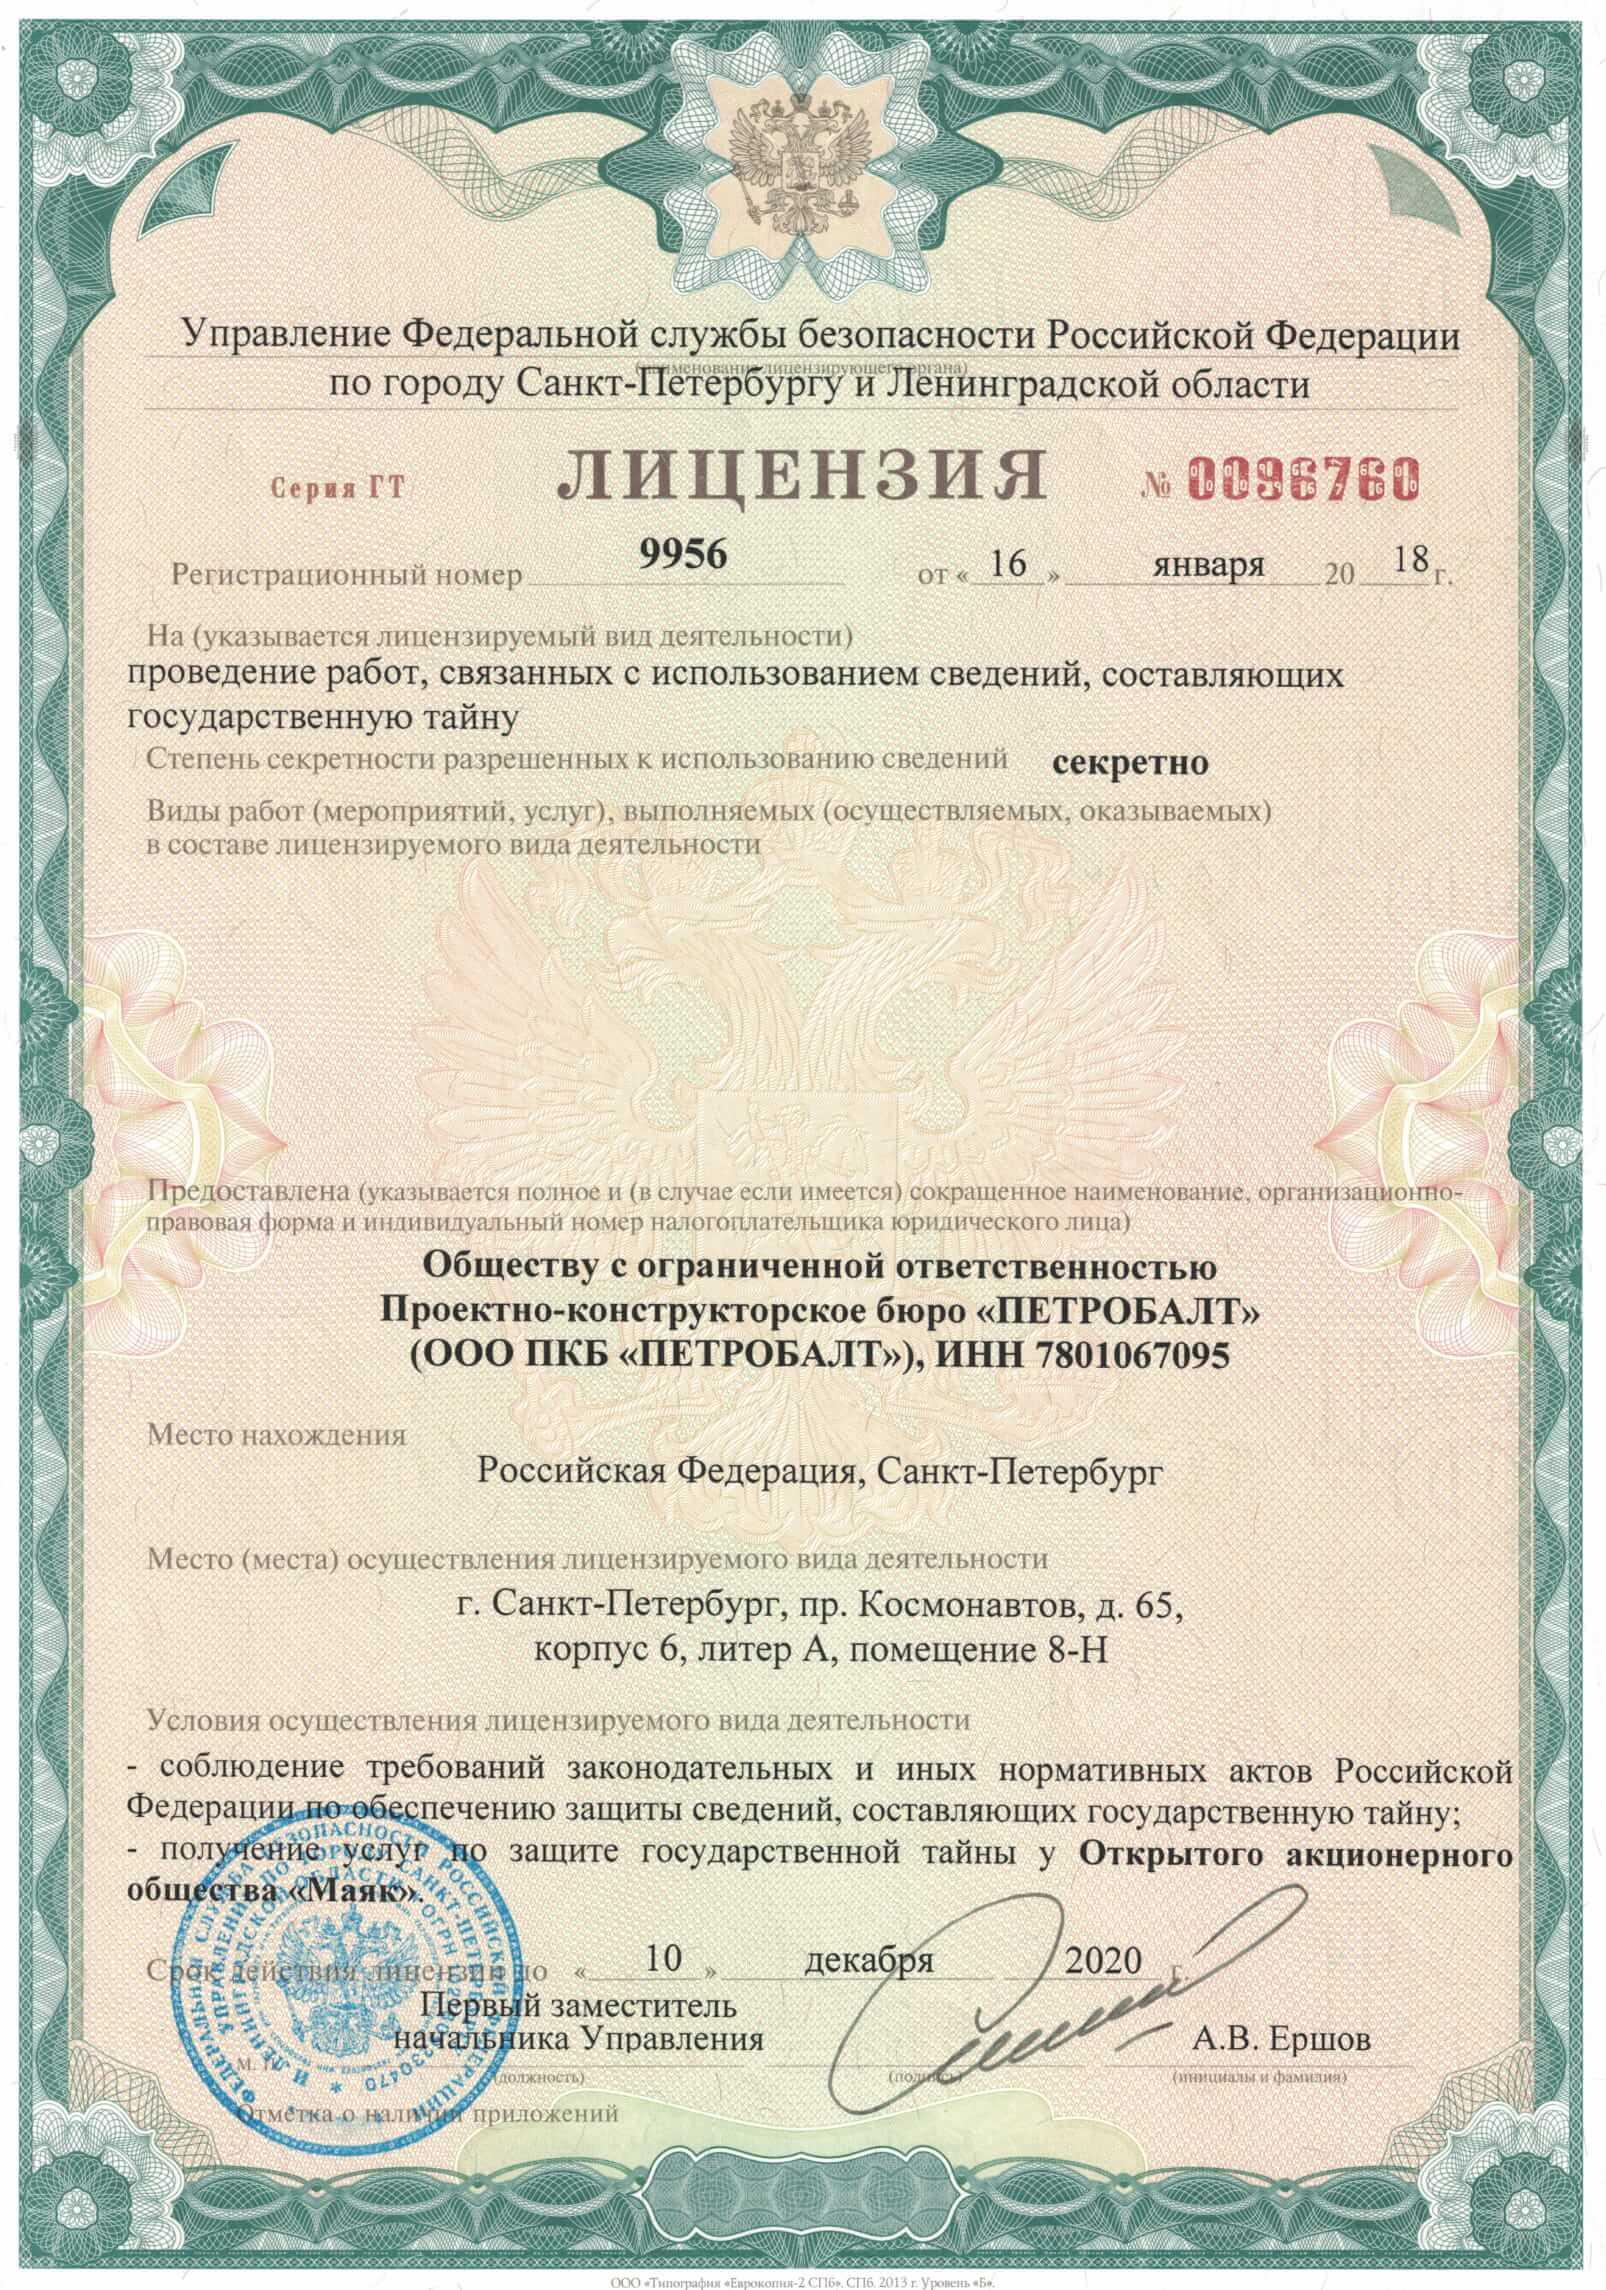 Петробалт лицензия на проведение работ с использованием сведений, составляющих государственную тайну